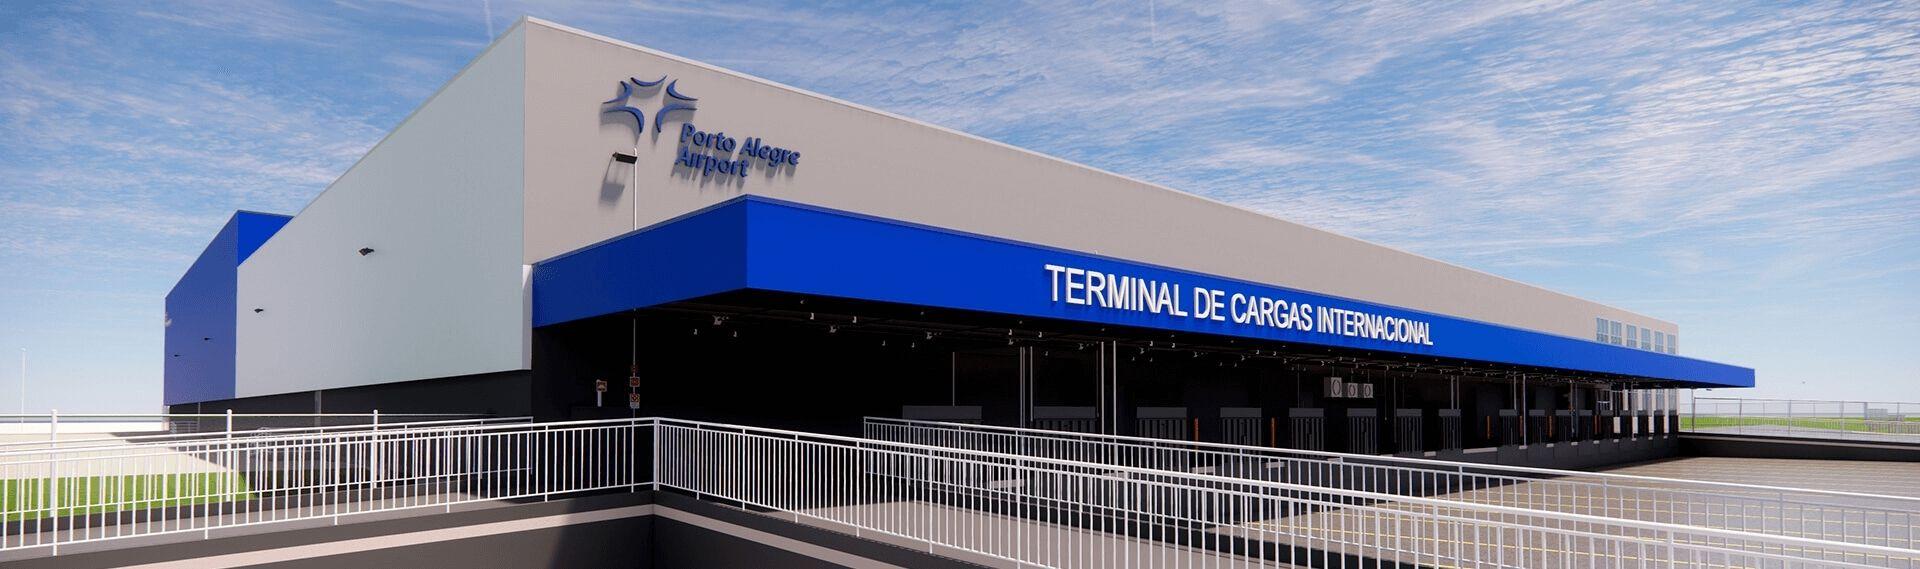 Porto Alegre Airport recebe novo Terminal de Cargas Internacional